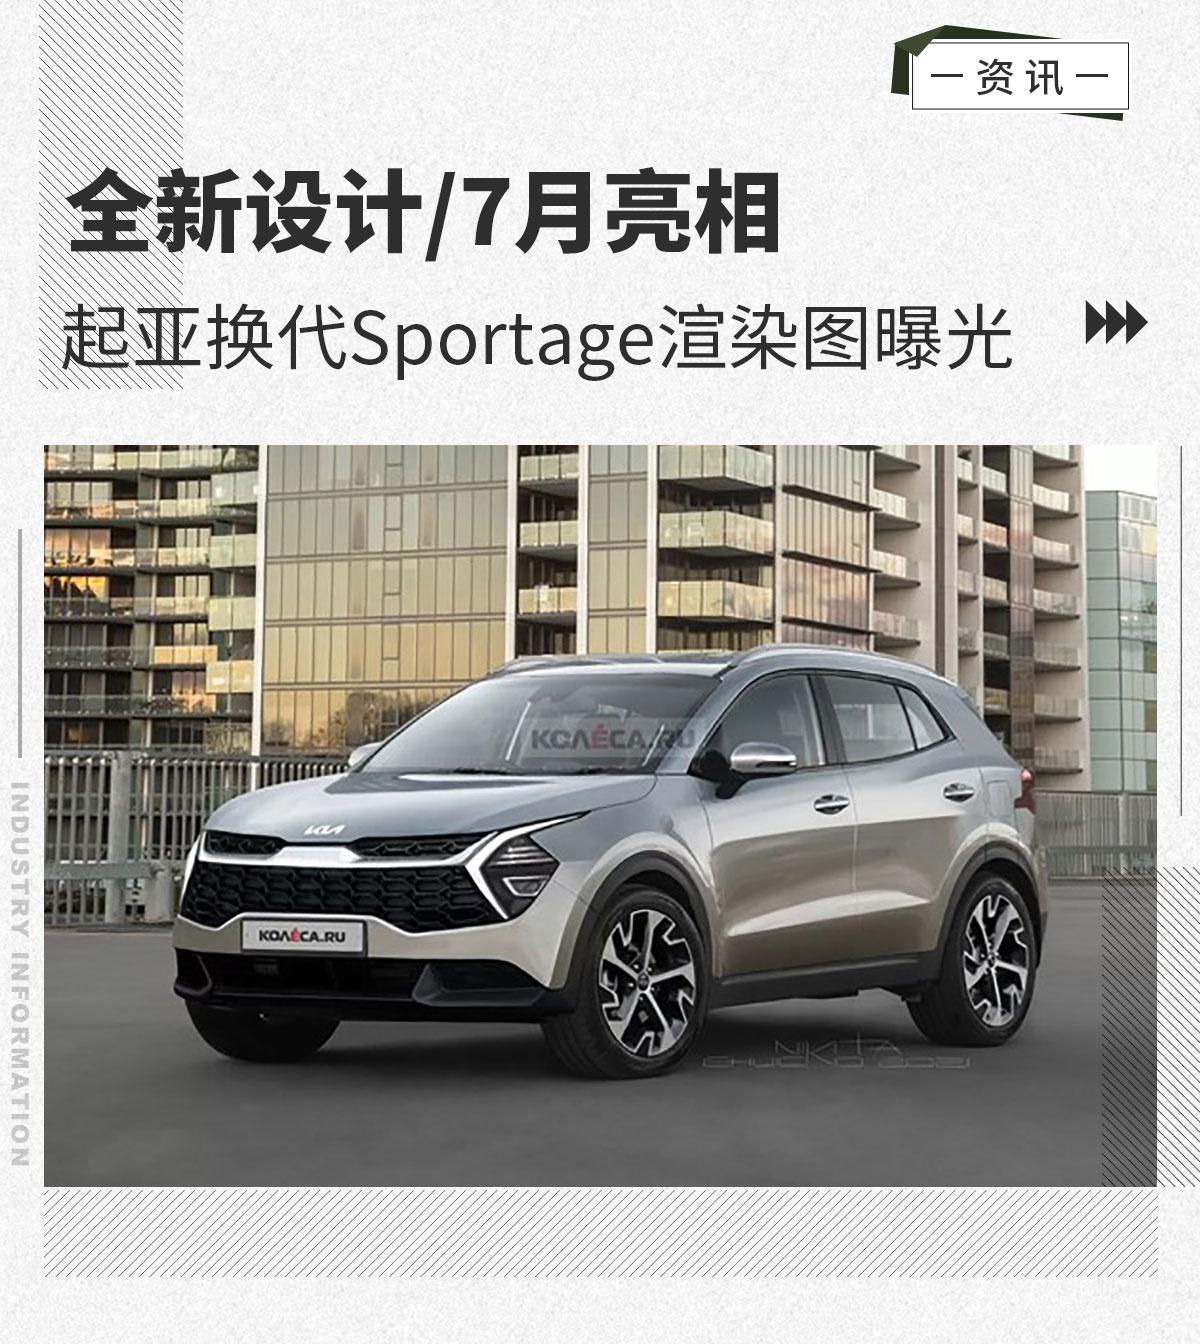 起亚换代Sportage渲染图曝光  全新设计/7月亮相